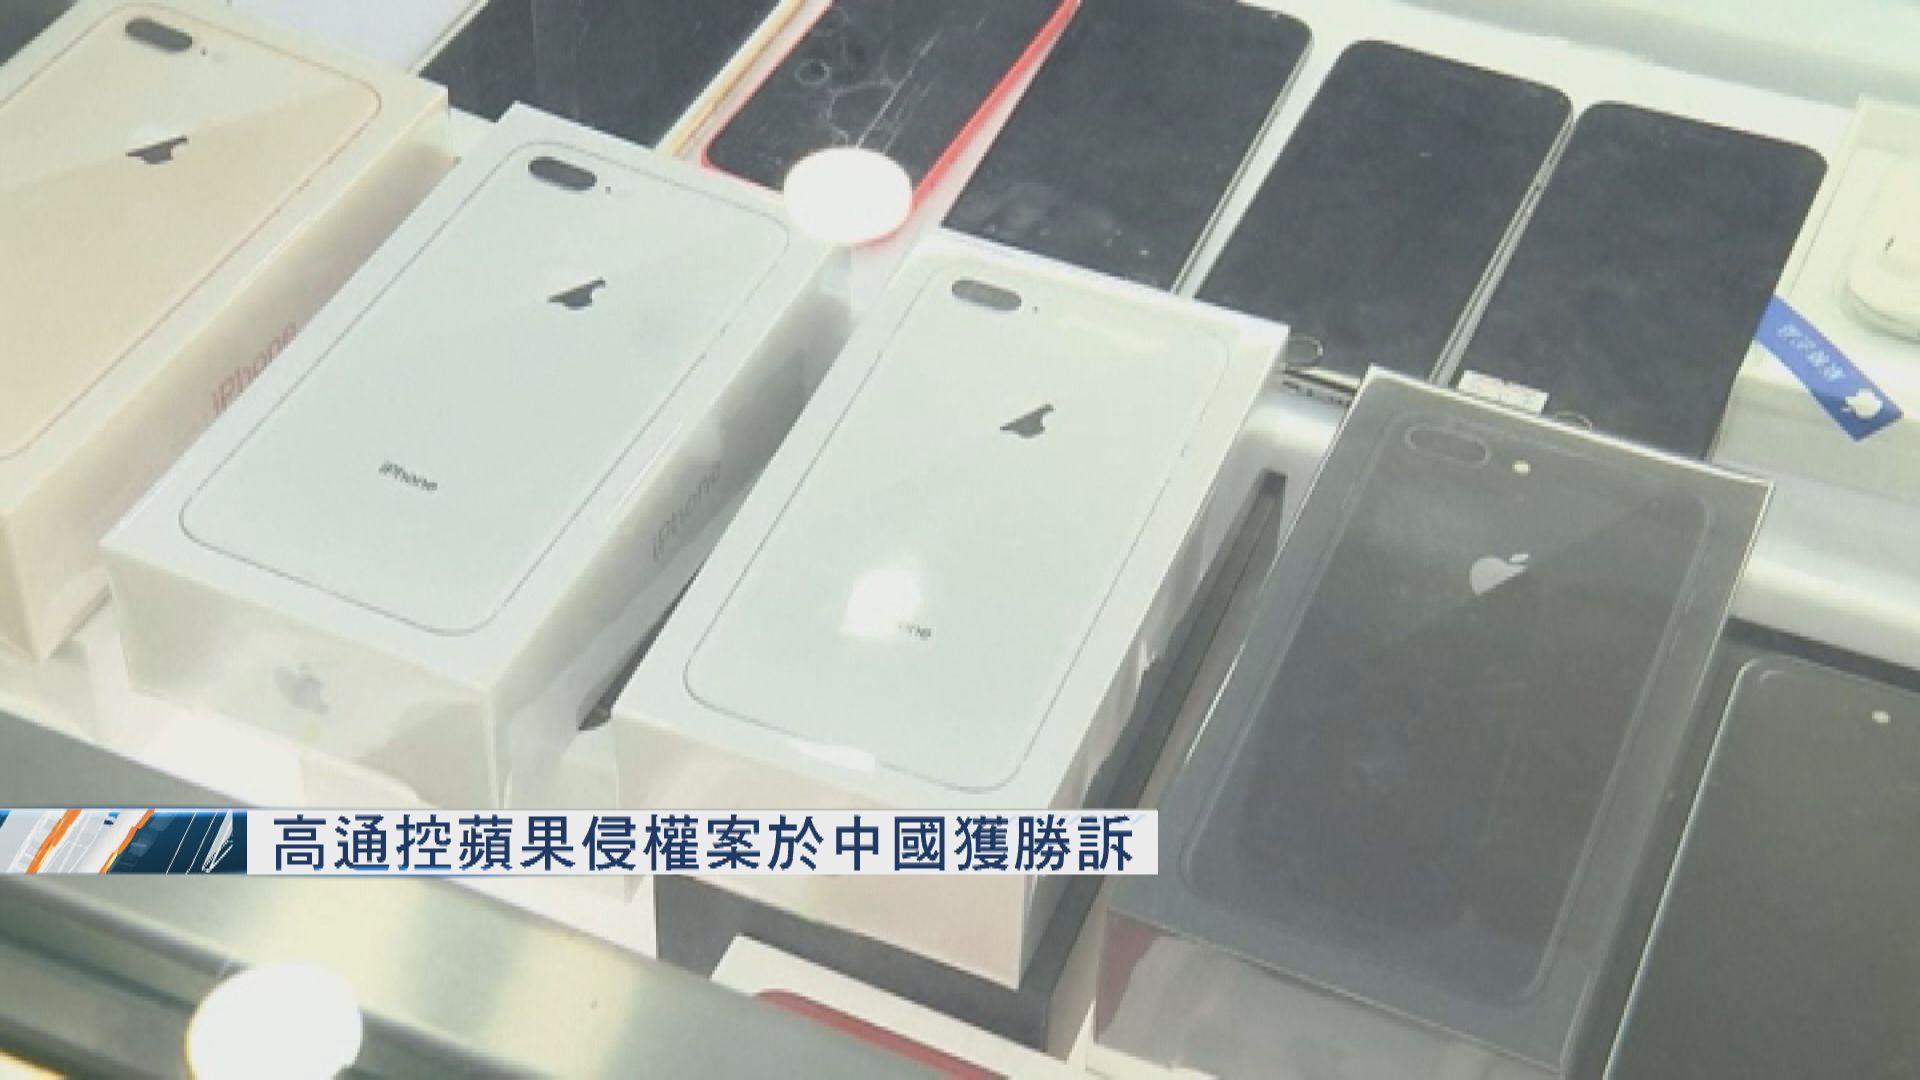 中國福州法院下令蘋果內地停售7款舊iPhone